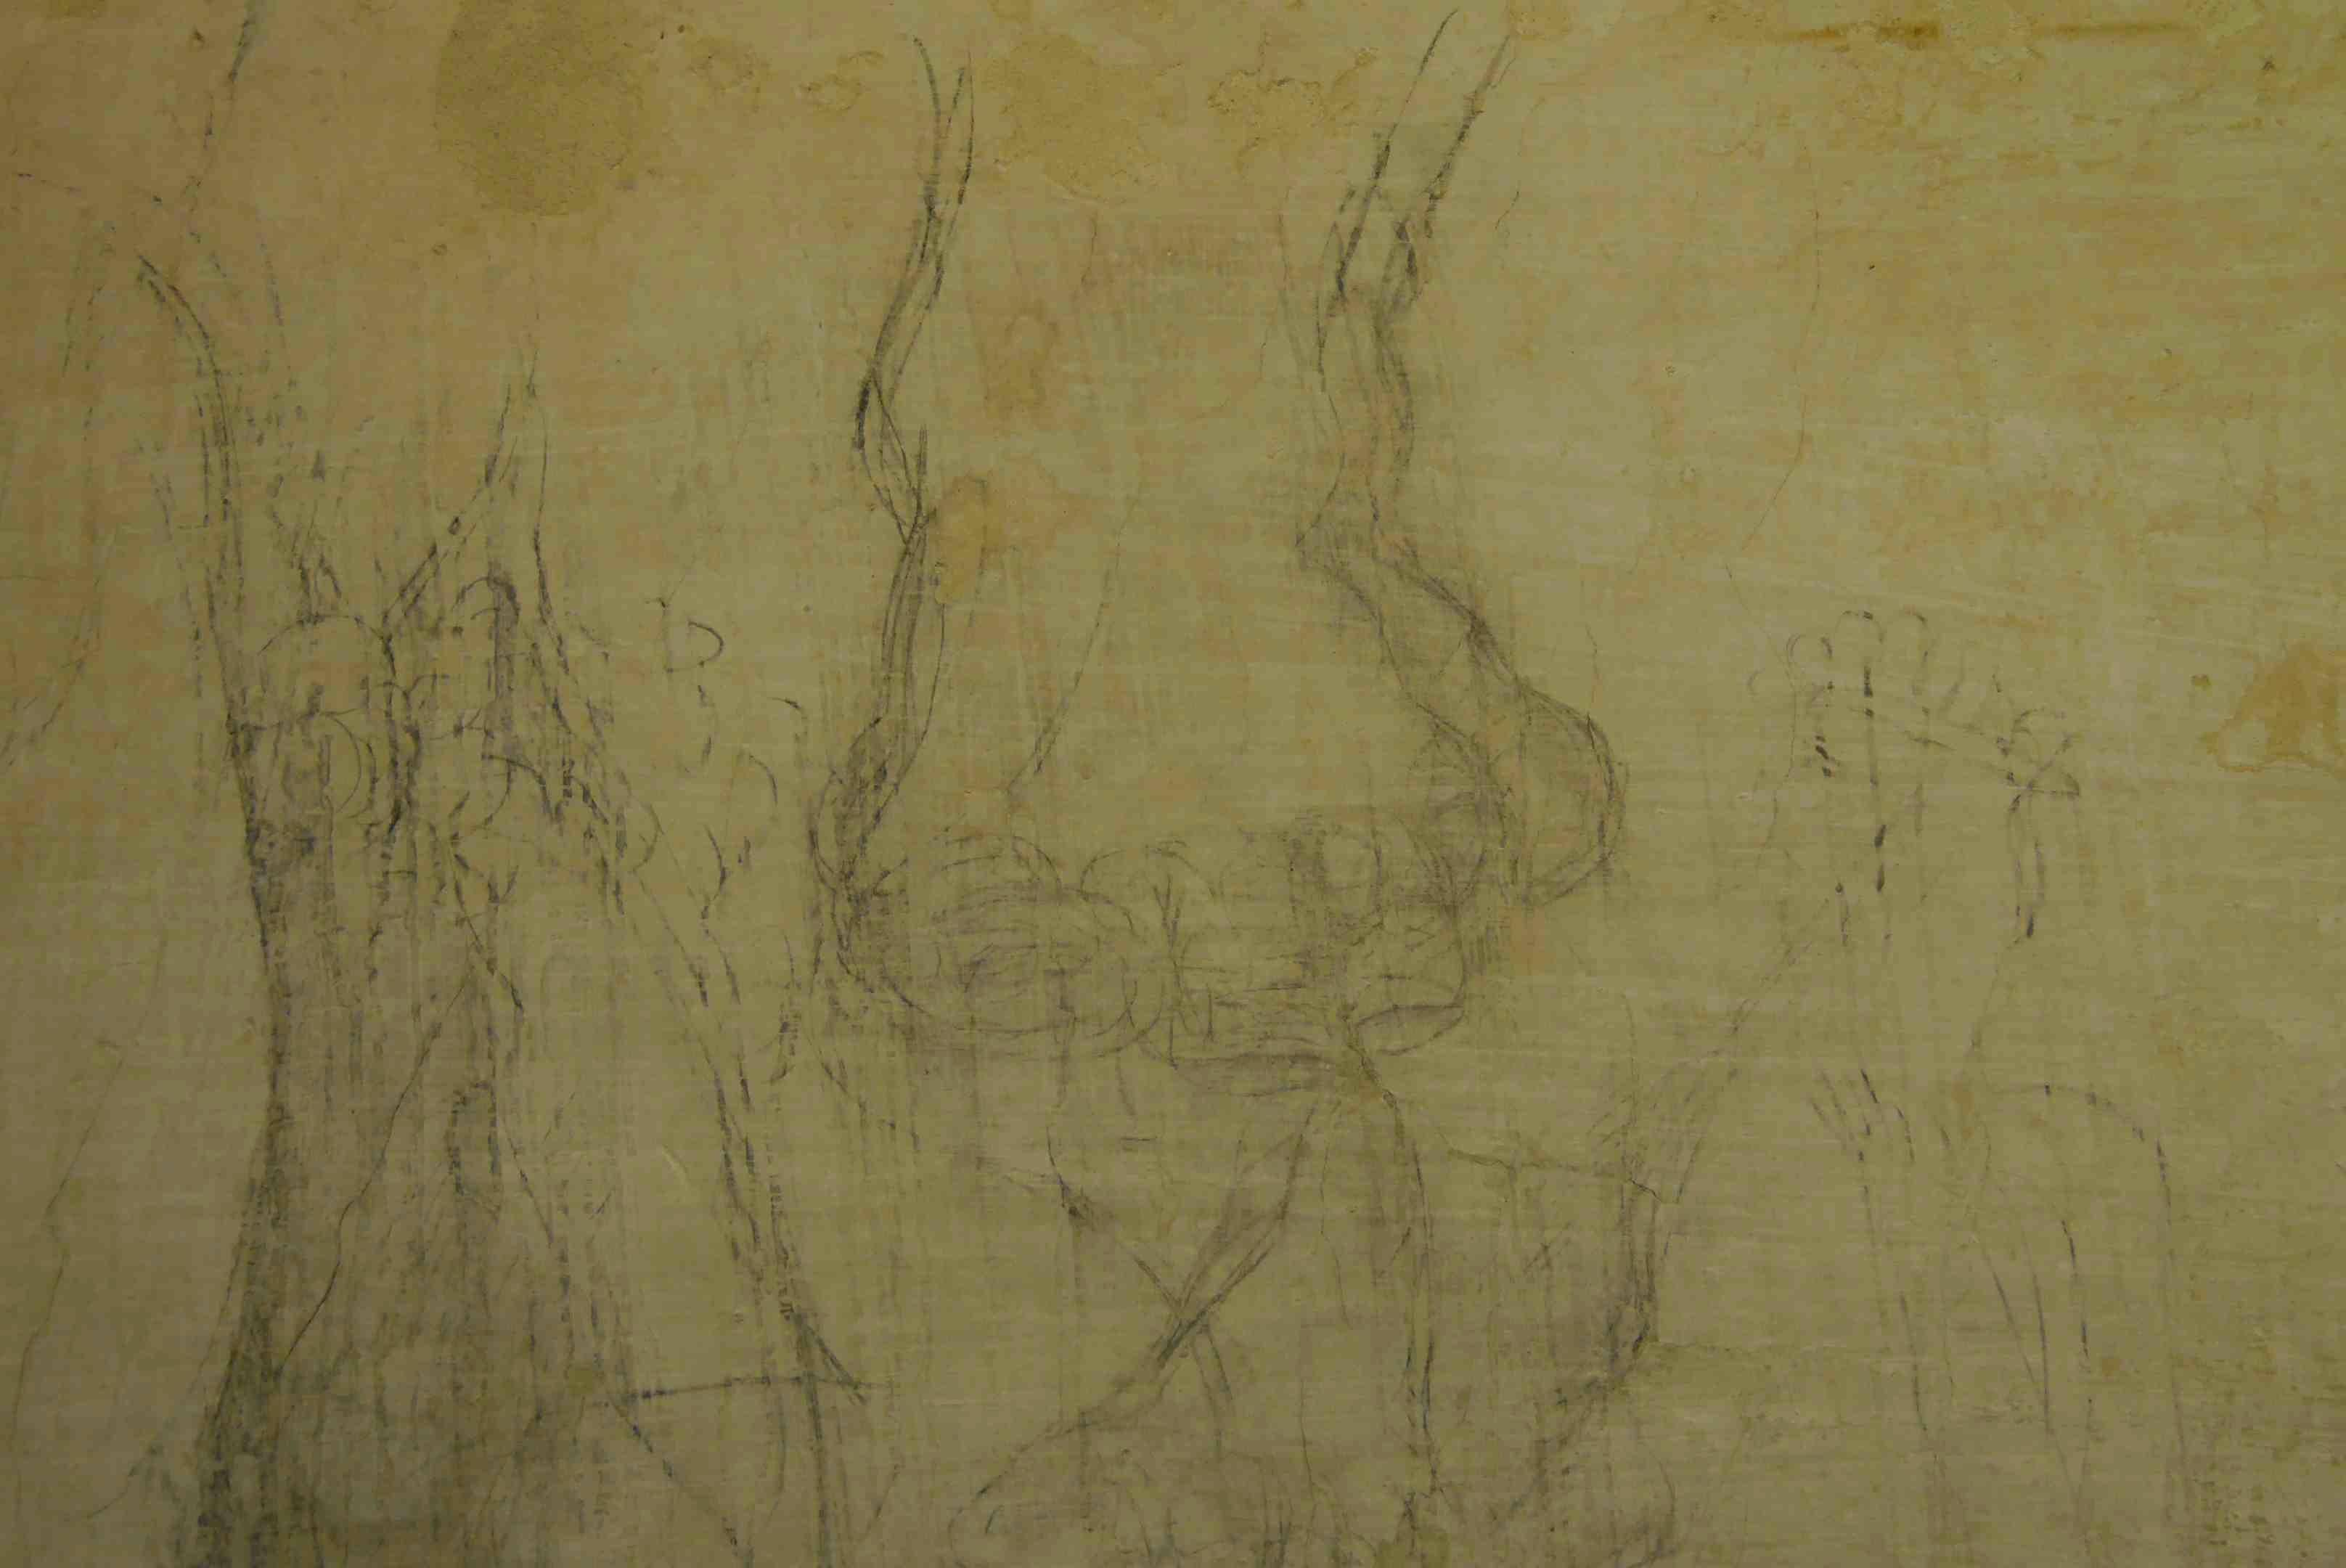 Chambre secrète Michelangelo Alidifirenze8